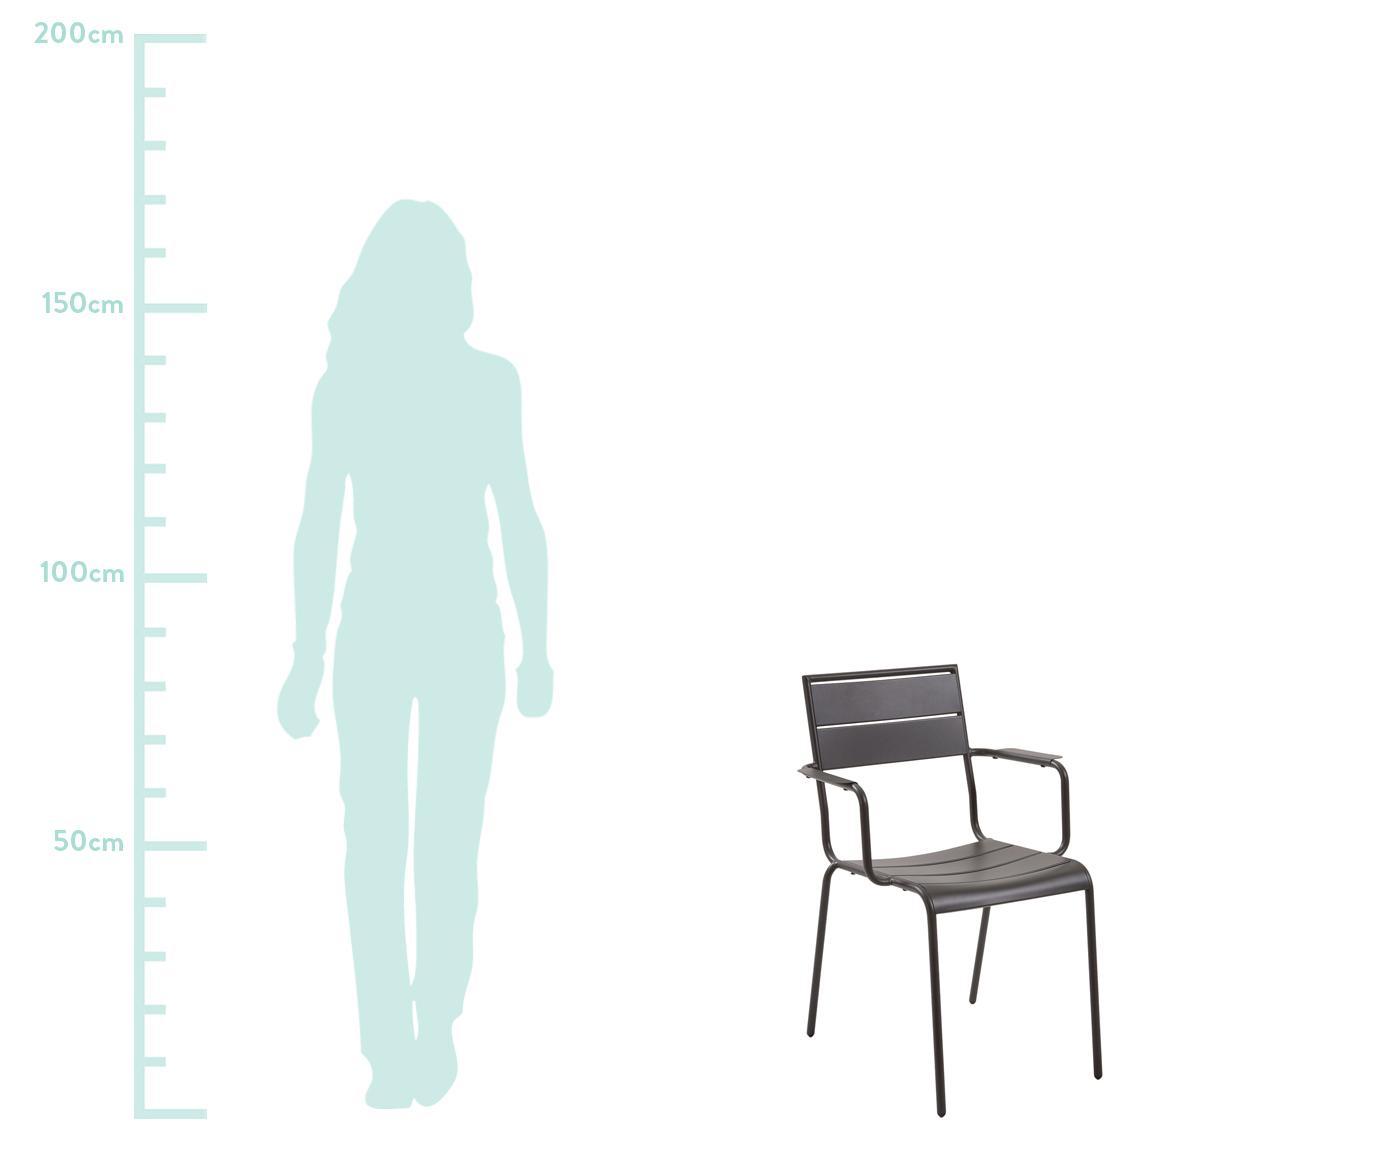 Krzesło balkonowe z metalu Allegian, Metal malowany proszkowo, Ciemny szary, S 59 x G 65 cm